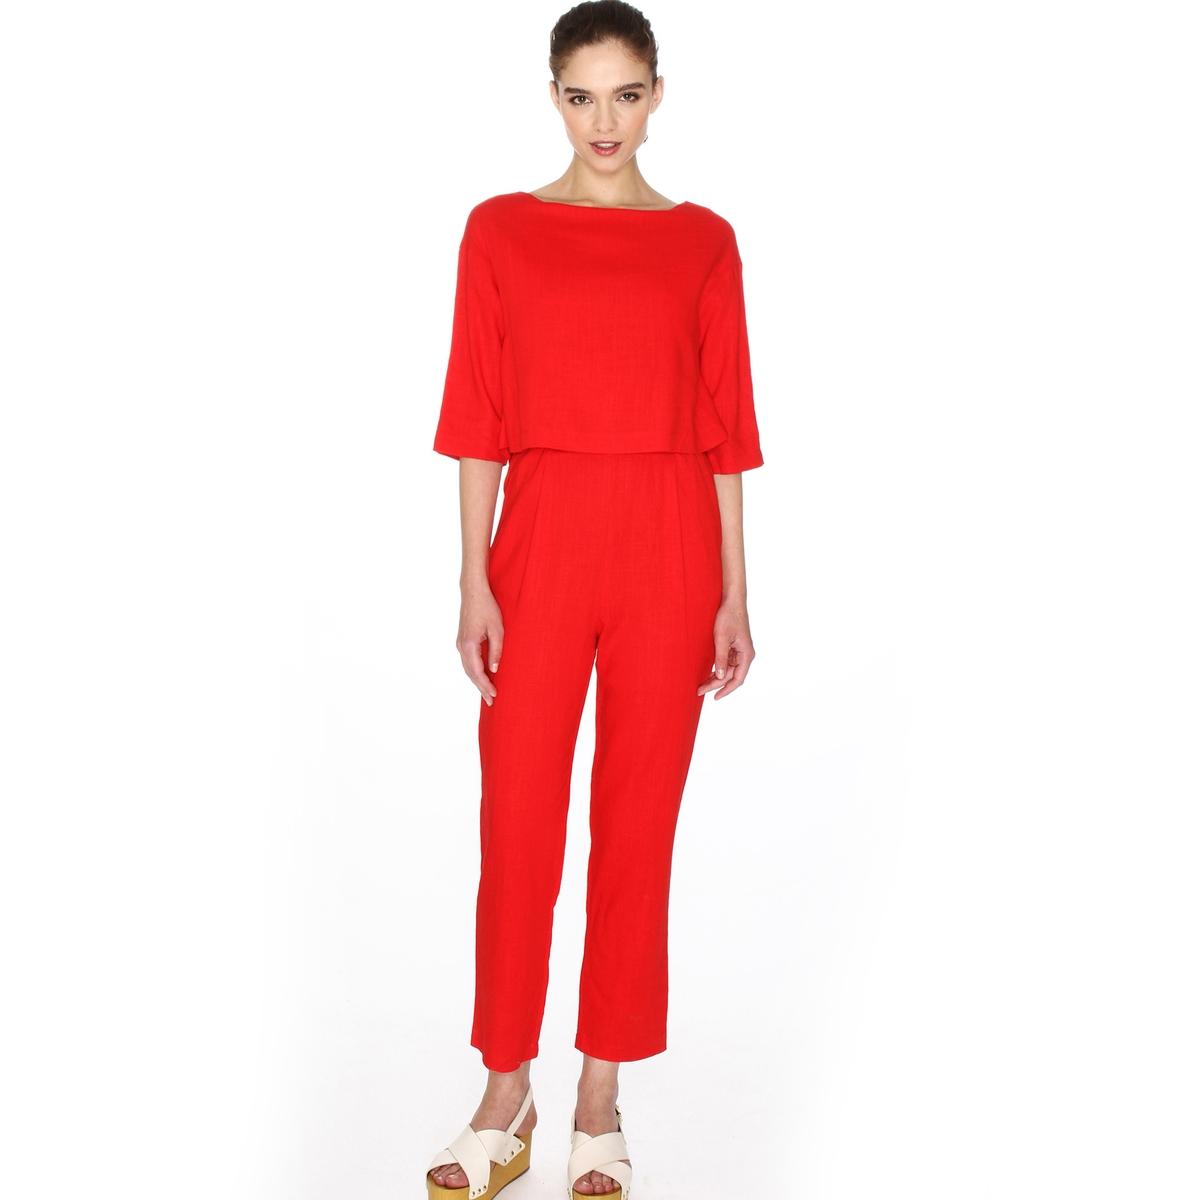 Комбинезон с прямыми брюкамиМатериал : 45% других волокон, 55% полиамидаПокрой комбинезона :облегающий, форма дудочки Длина комбинезона : 32 Тип комбинезона : комбинезон с брюками.<br><br>Цвет: красный<br>Размер: S